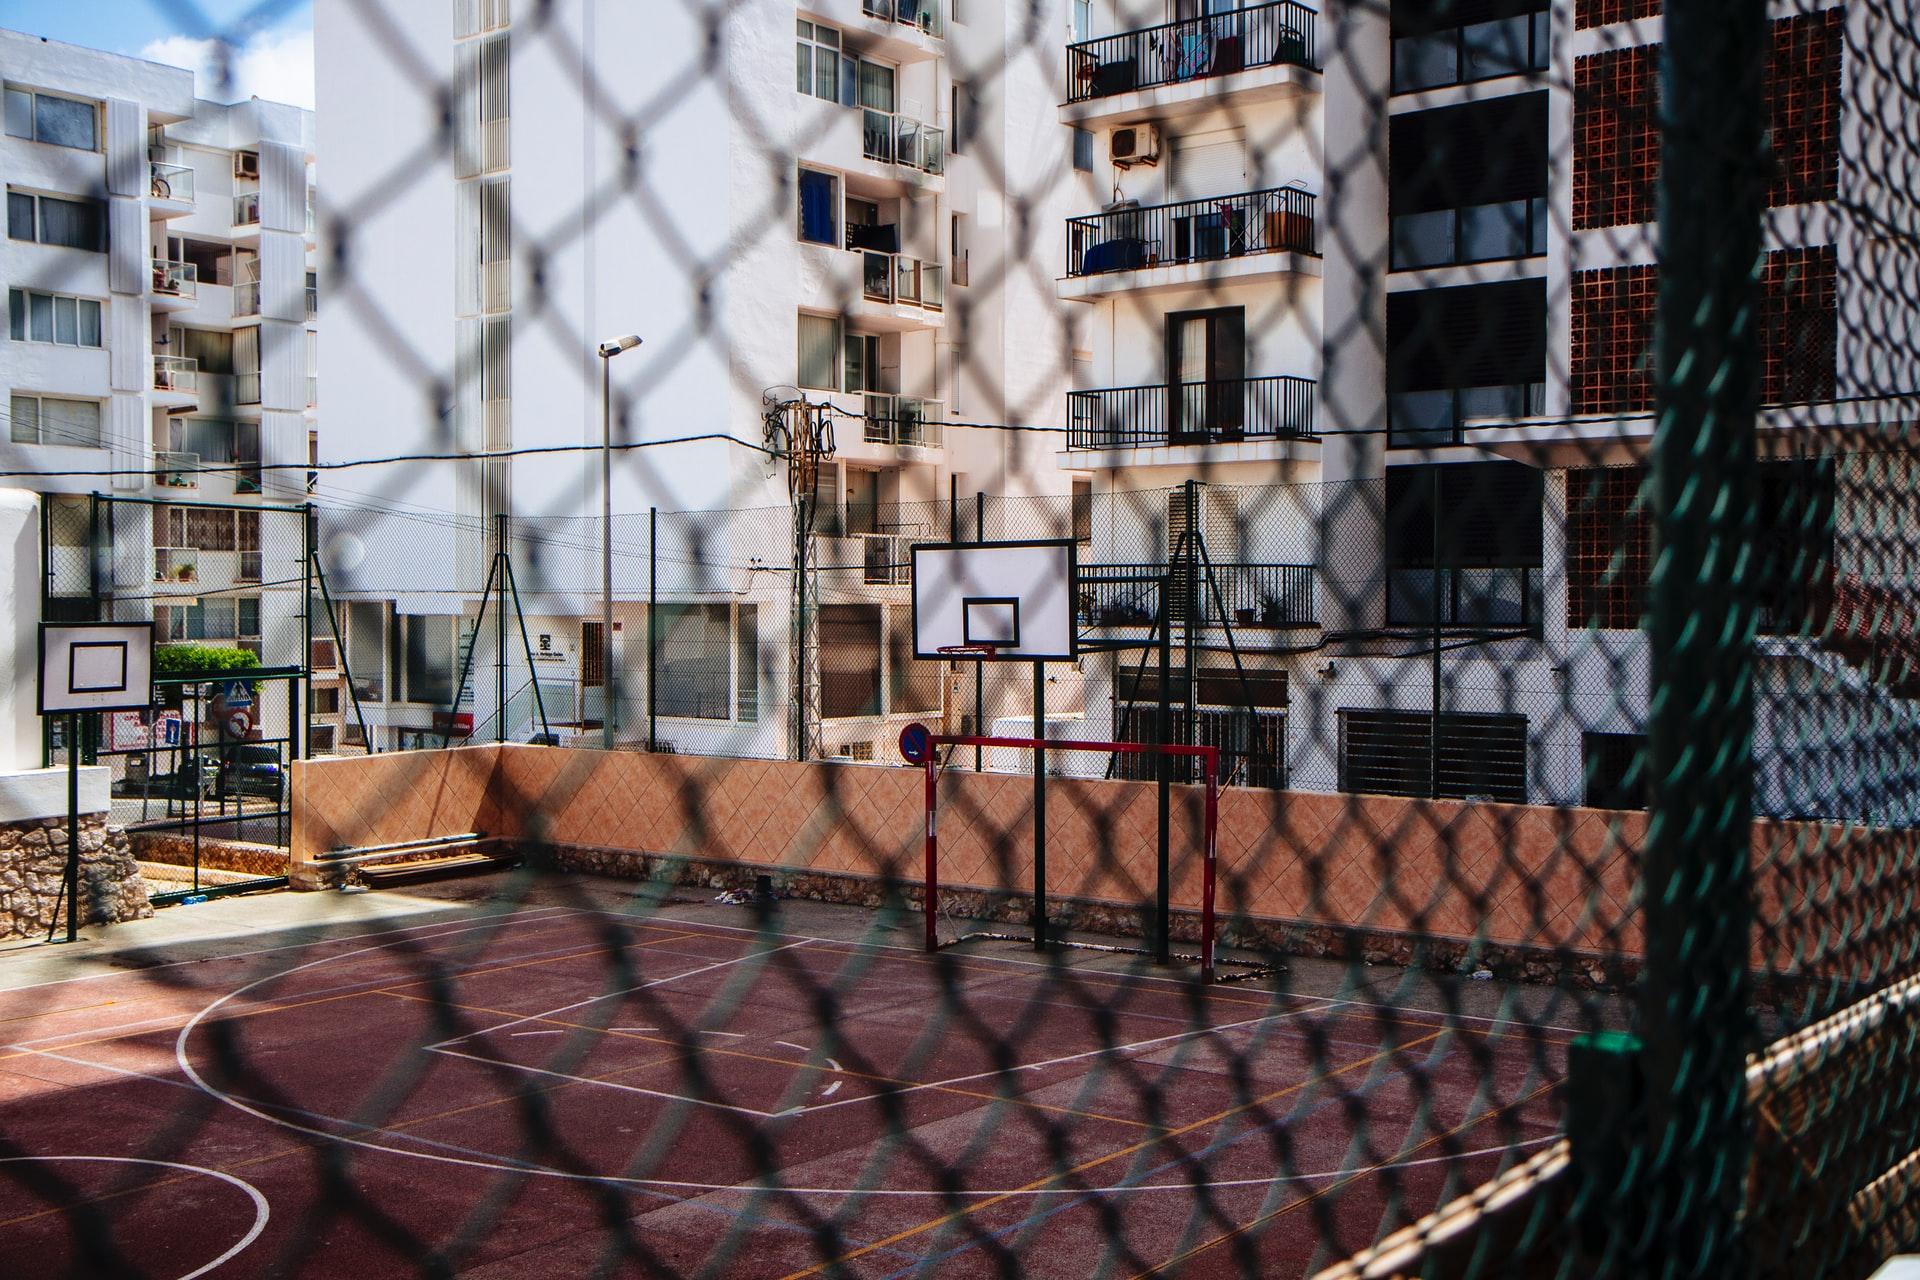 Boş bir basketbol-futbol sahası tel örgülerin ardından görünüyor.